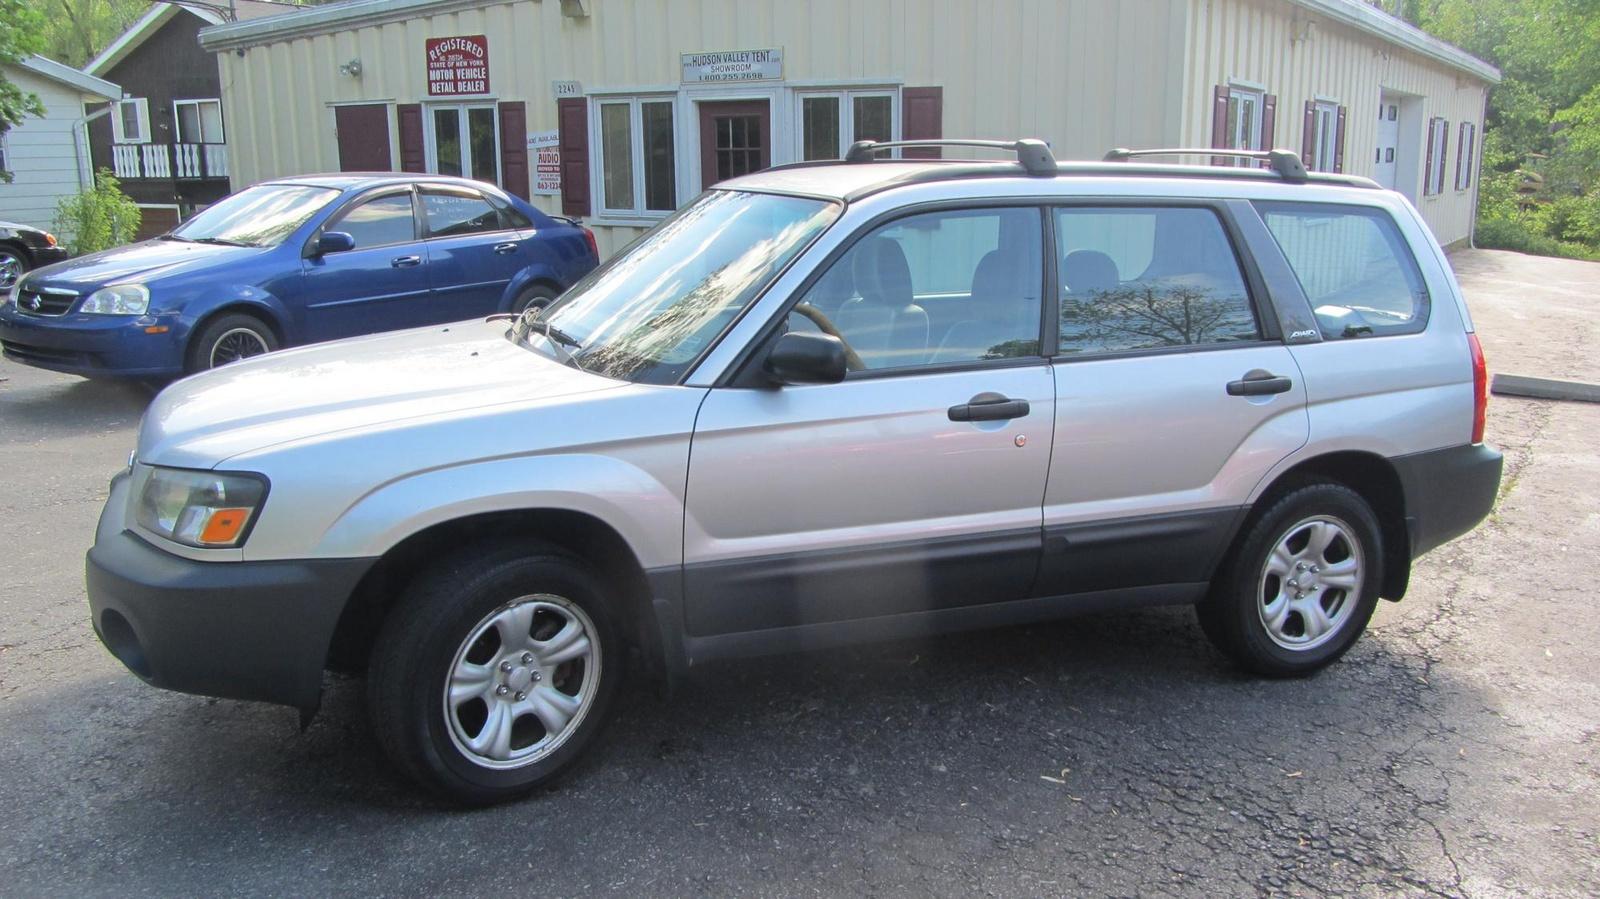 2003 Subaru Forester Exterior Pictures Cargurus